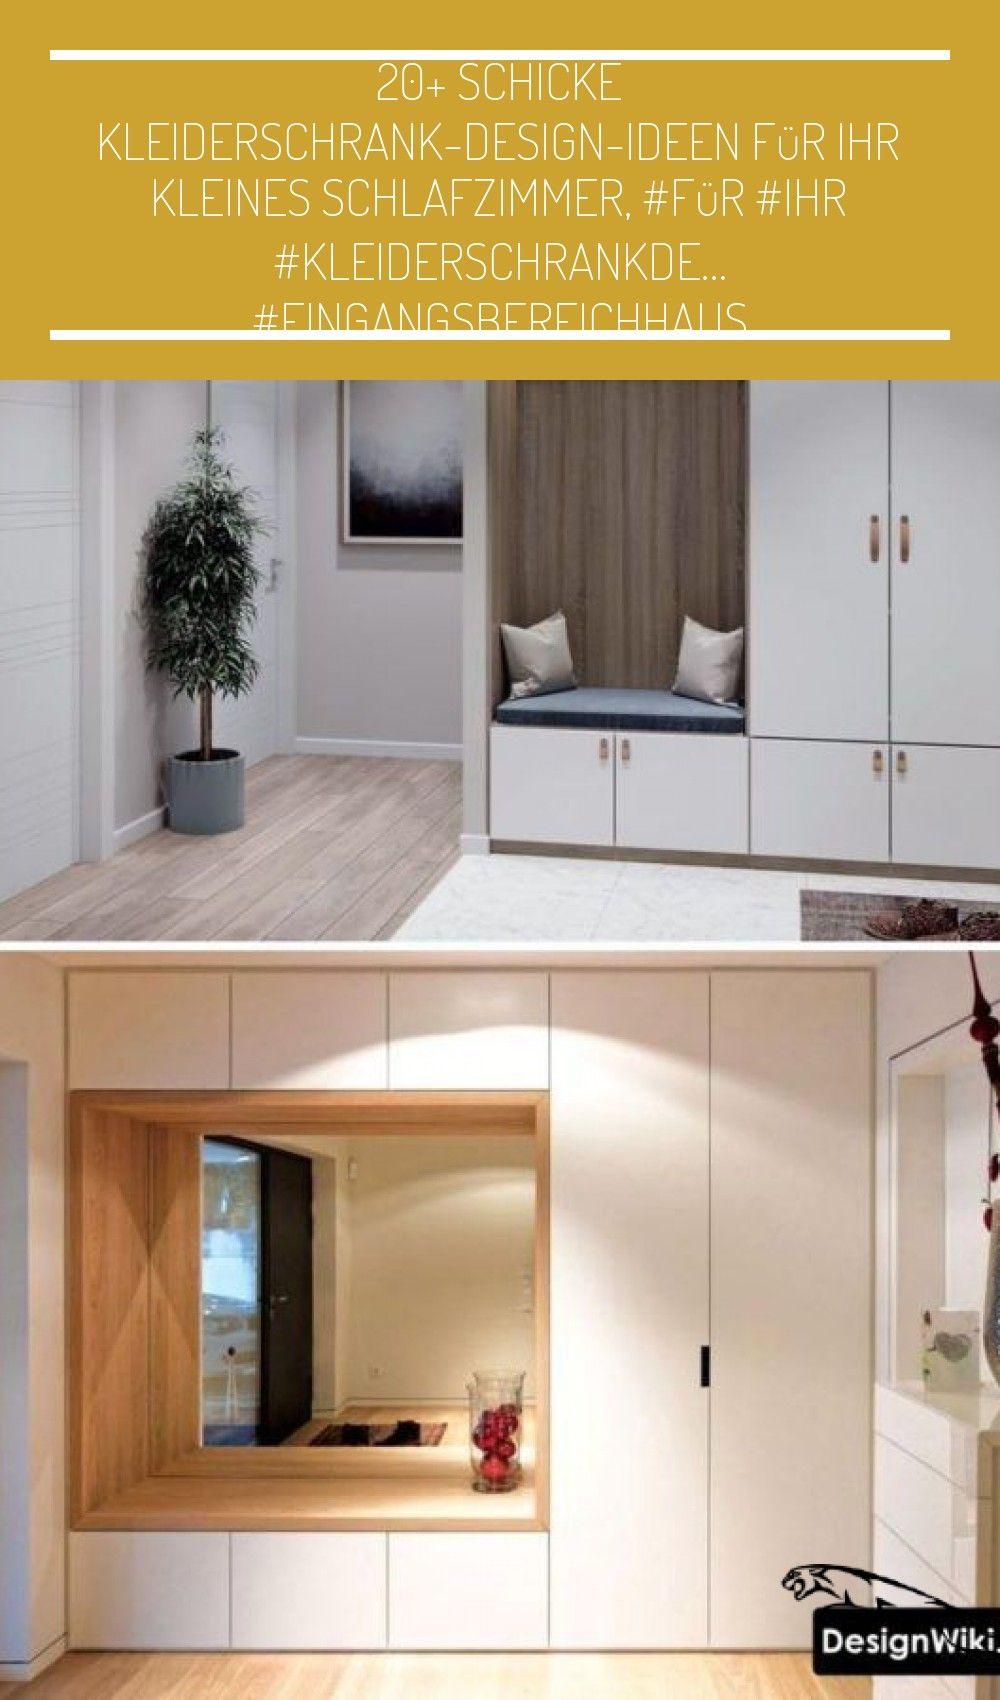 20+ schicke Kleiderschrank-Design-Ideen für Ihr kleines Schlafzimmer, #für #Ihr #KleiderschrankDe...   20+ schicke Kleiderschrank-Design-Ideen für Ihr kleines Schlafzimmer, #für #Ihr #KleiderschrankDesignIdeen #kleines #schicke     #eingangsbereichhaus #muebles de entrada entrance 20+ schicke Kleiderschrank-Design-Ideen für Ihr kleines Schlafzimmer, #für #Ihr #KleiderschrankDe… #eingangsbereichhaus